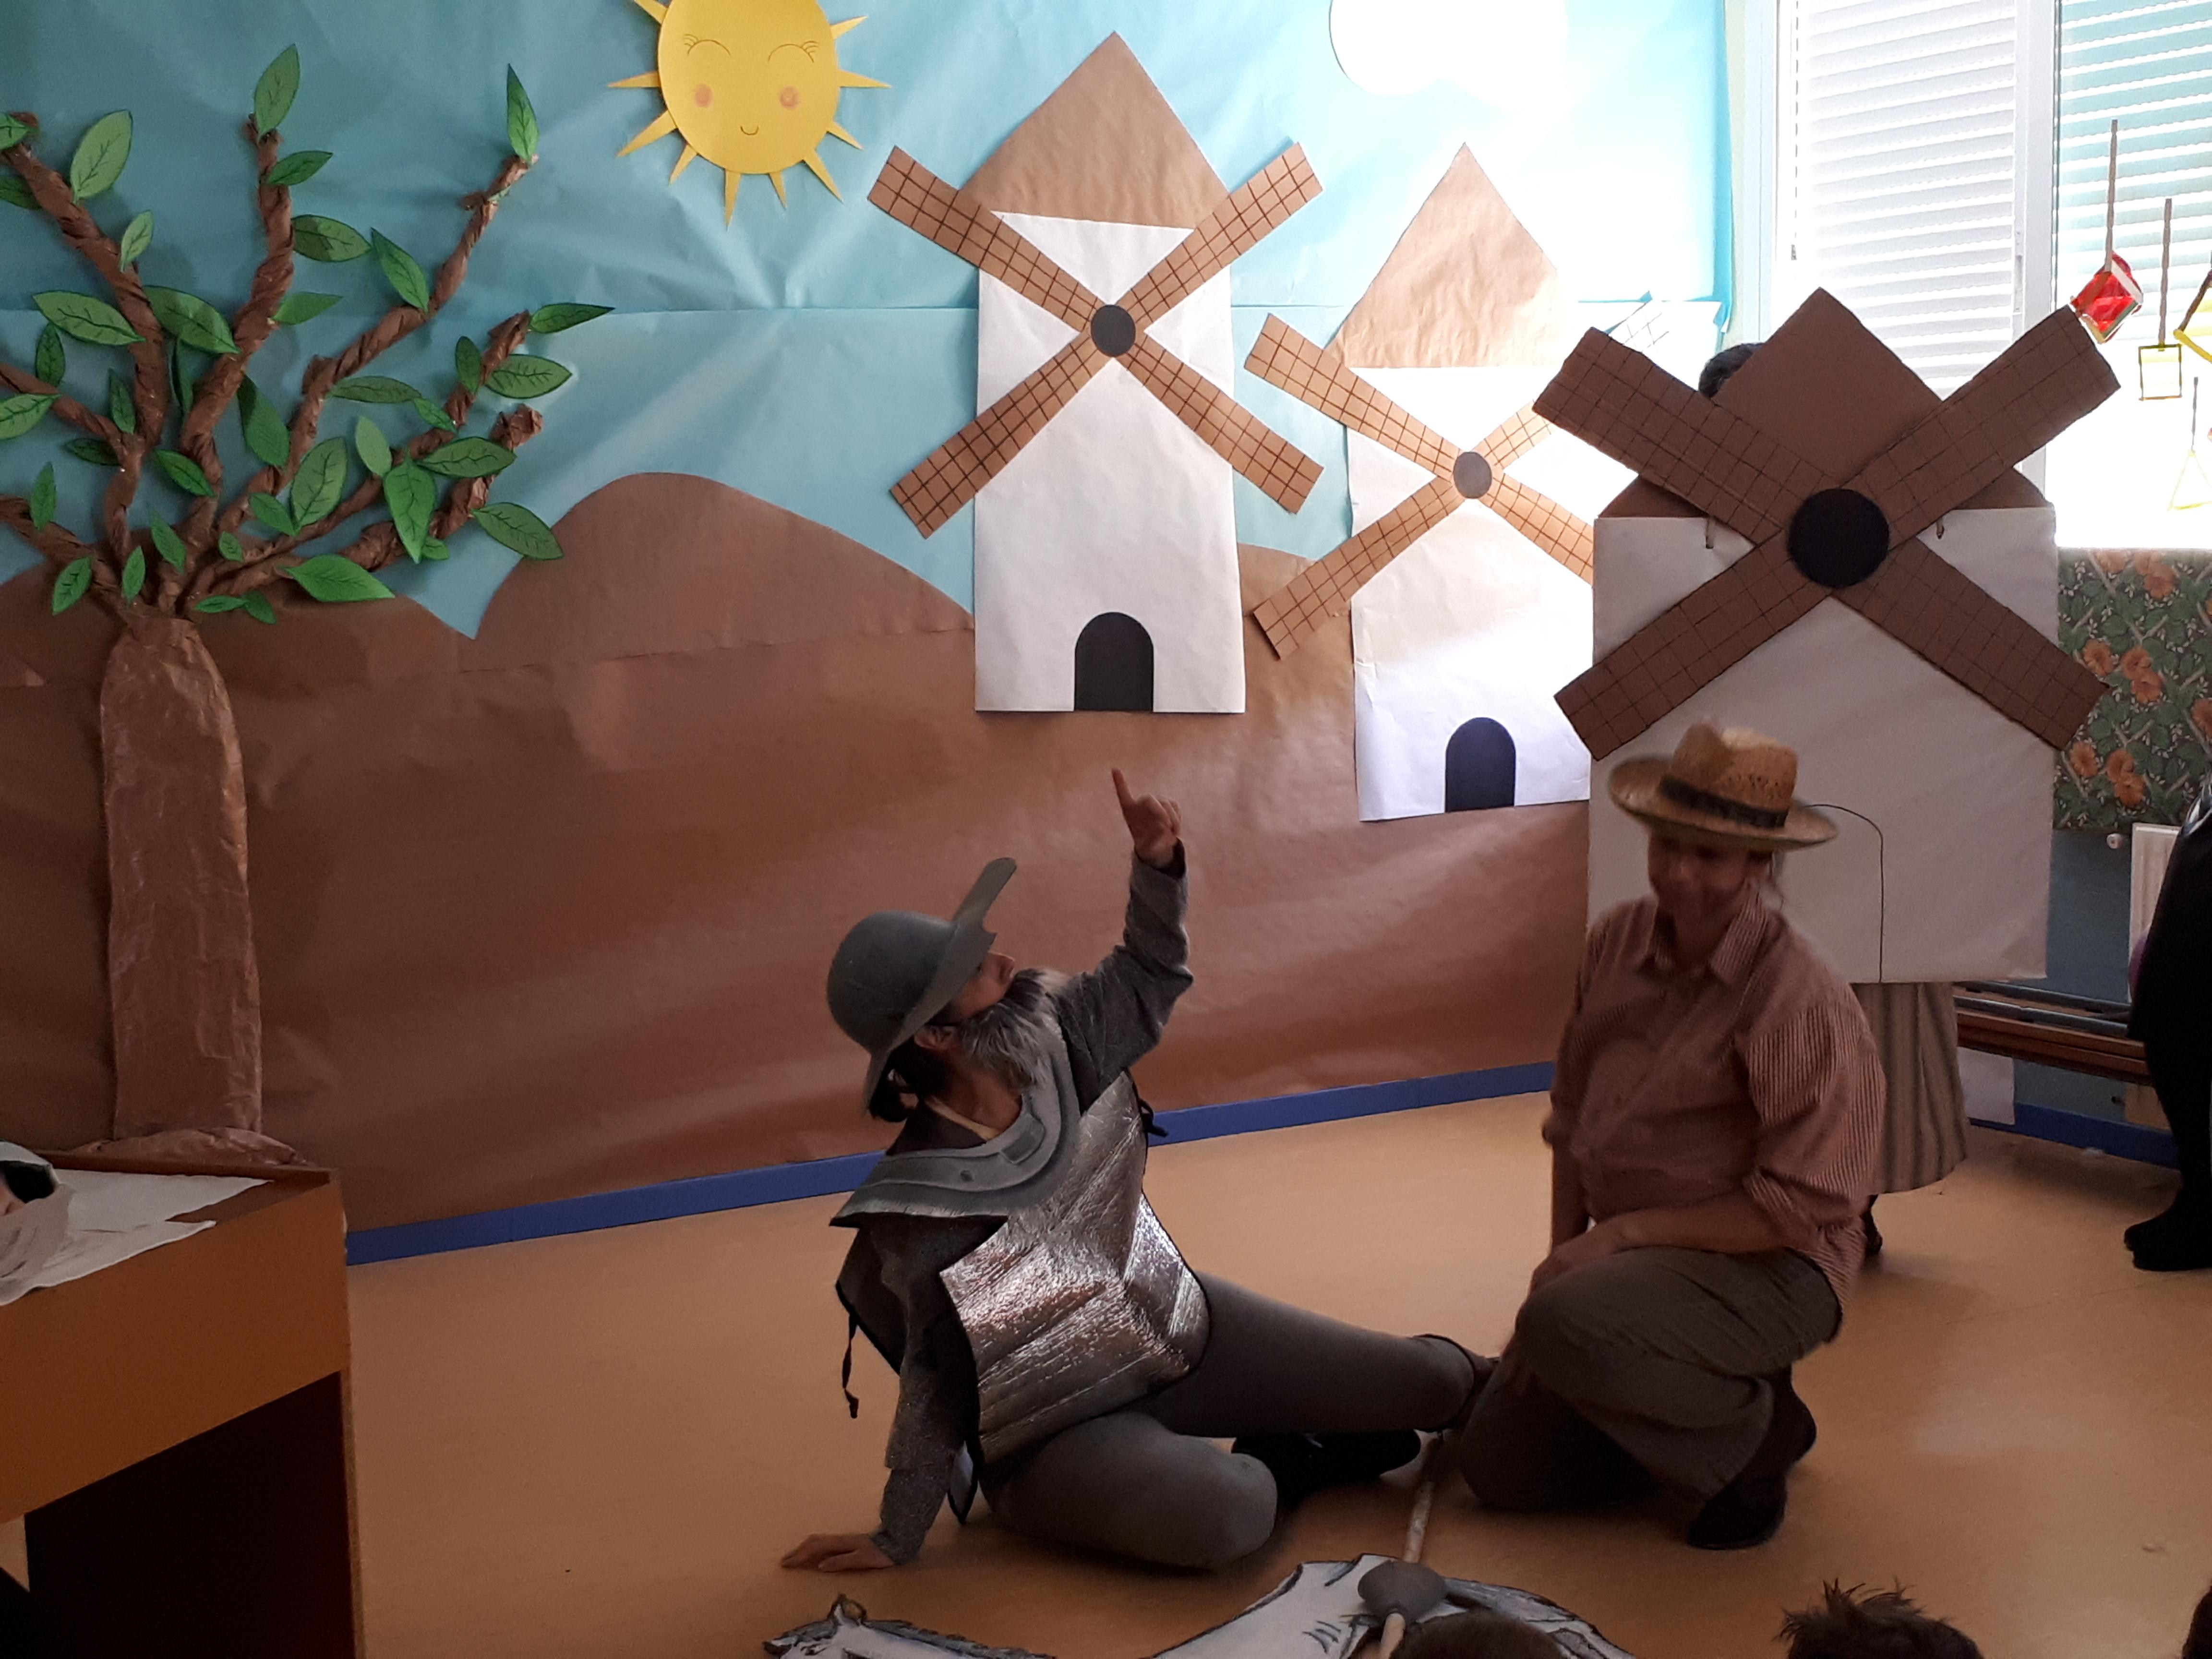 Teatro Don Quijote 9